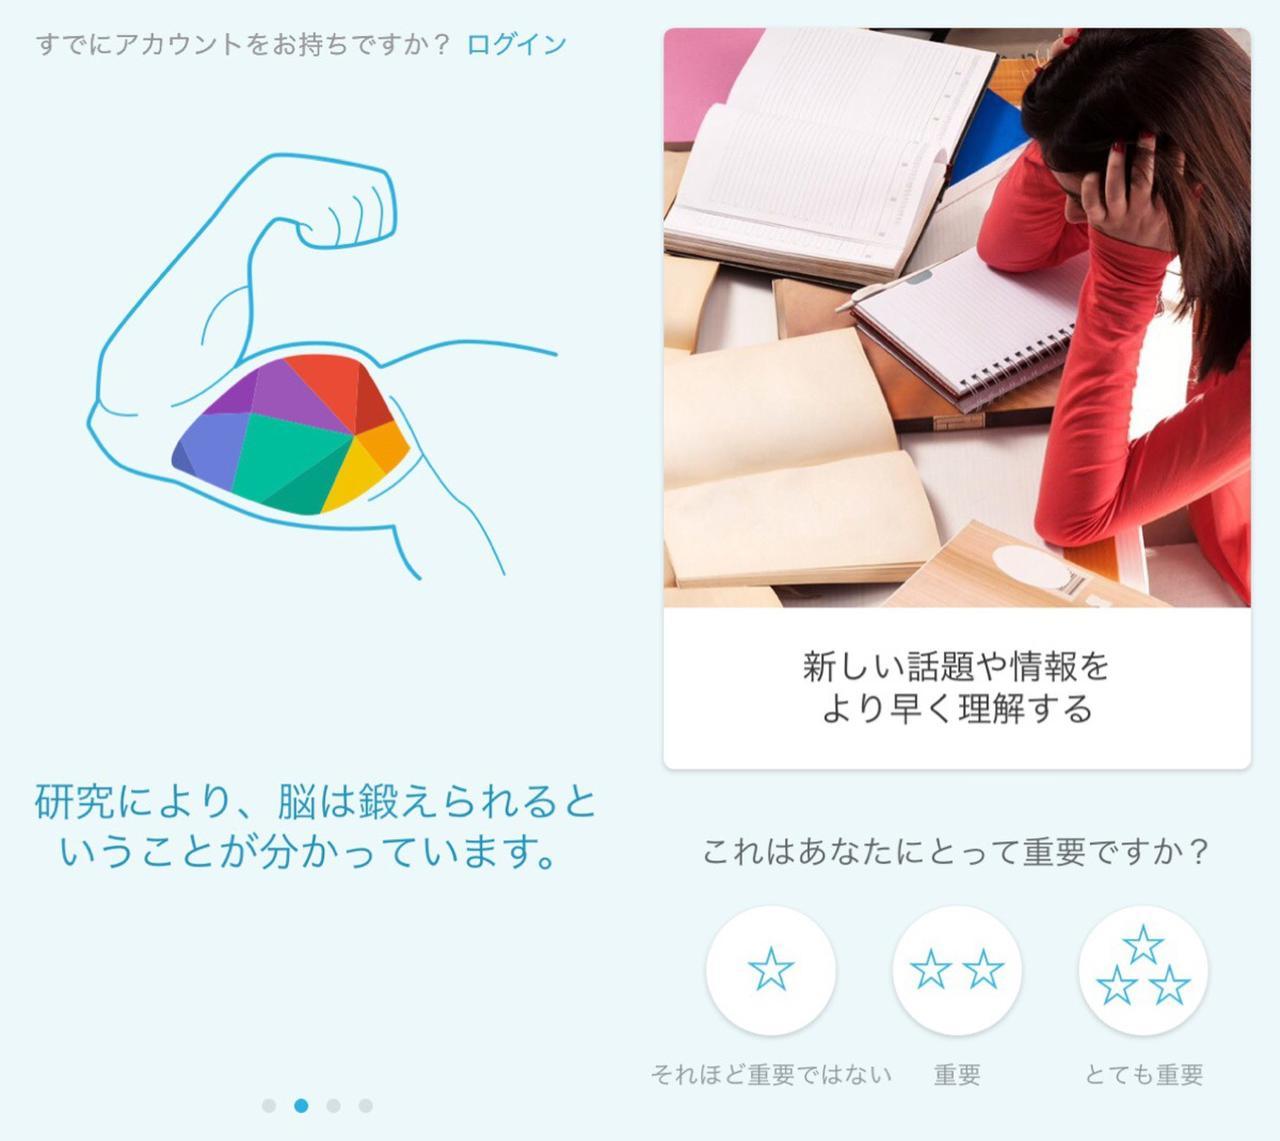 画像: 脳は鍛えられる!まずは質問に答えるとプログラムができあがります。